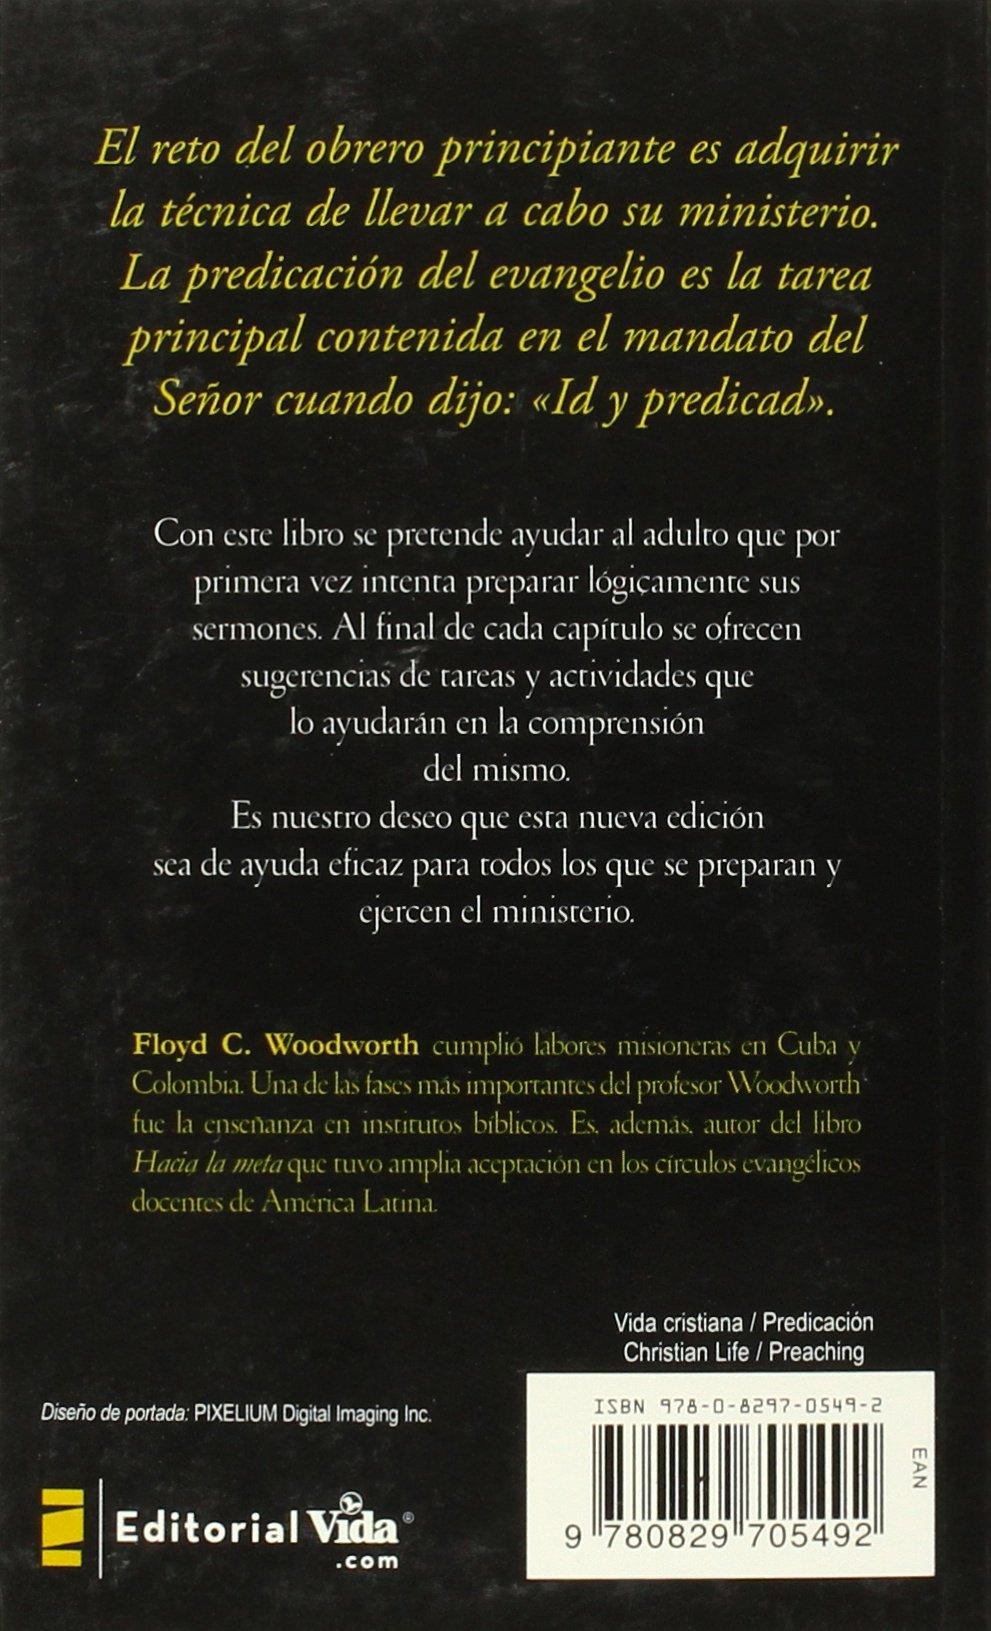 La Escalera De La Predicacion: Amazon.es: Woodworth, Floyd: Libros en idiomas extranjeros